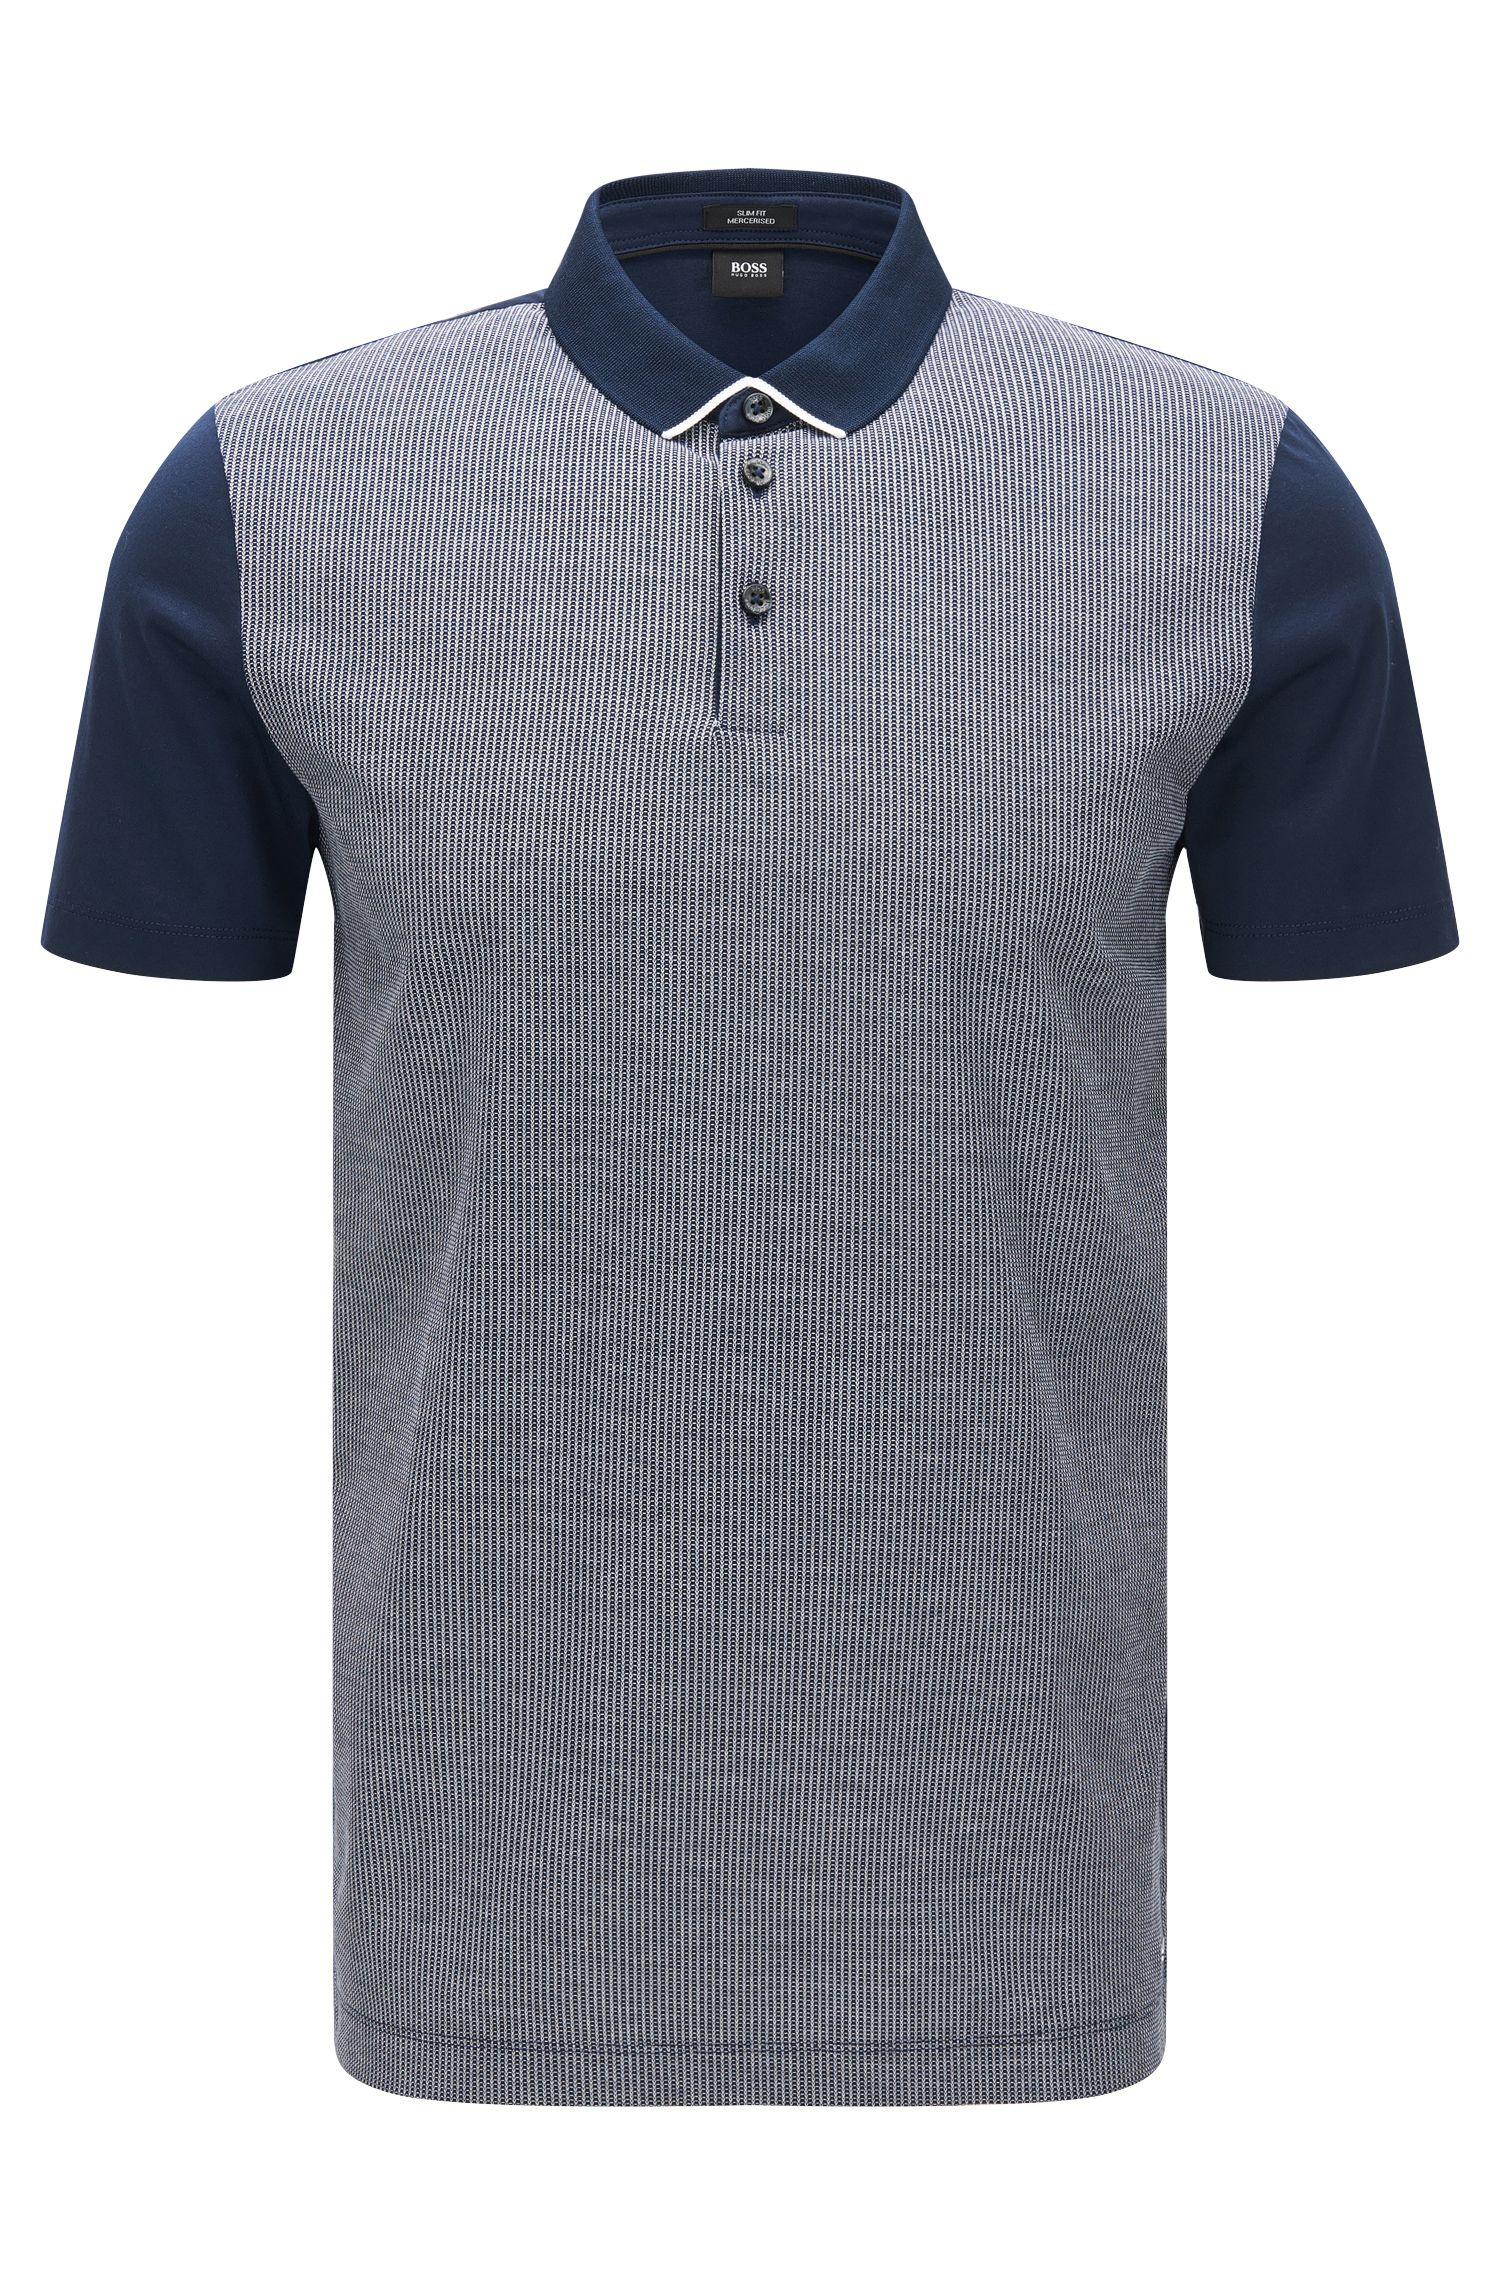 Slim-Fit Poloshirt mit zweifarbiger Jacquard-Vorderseite